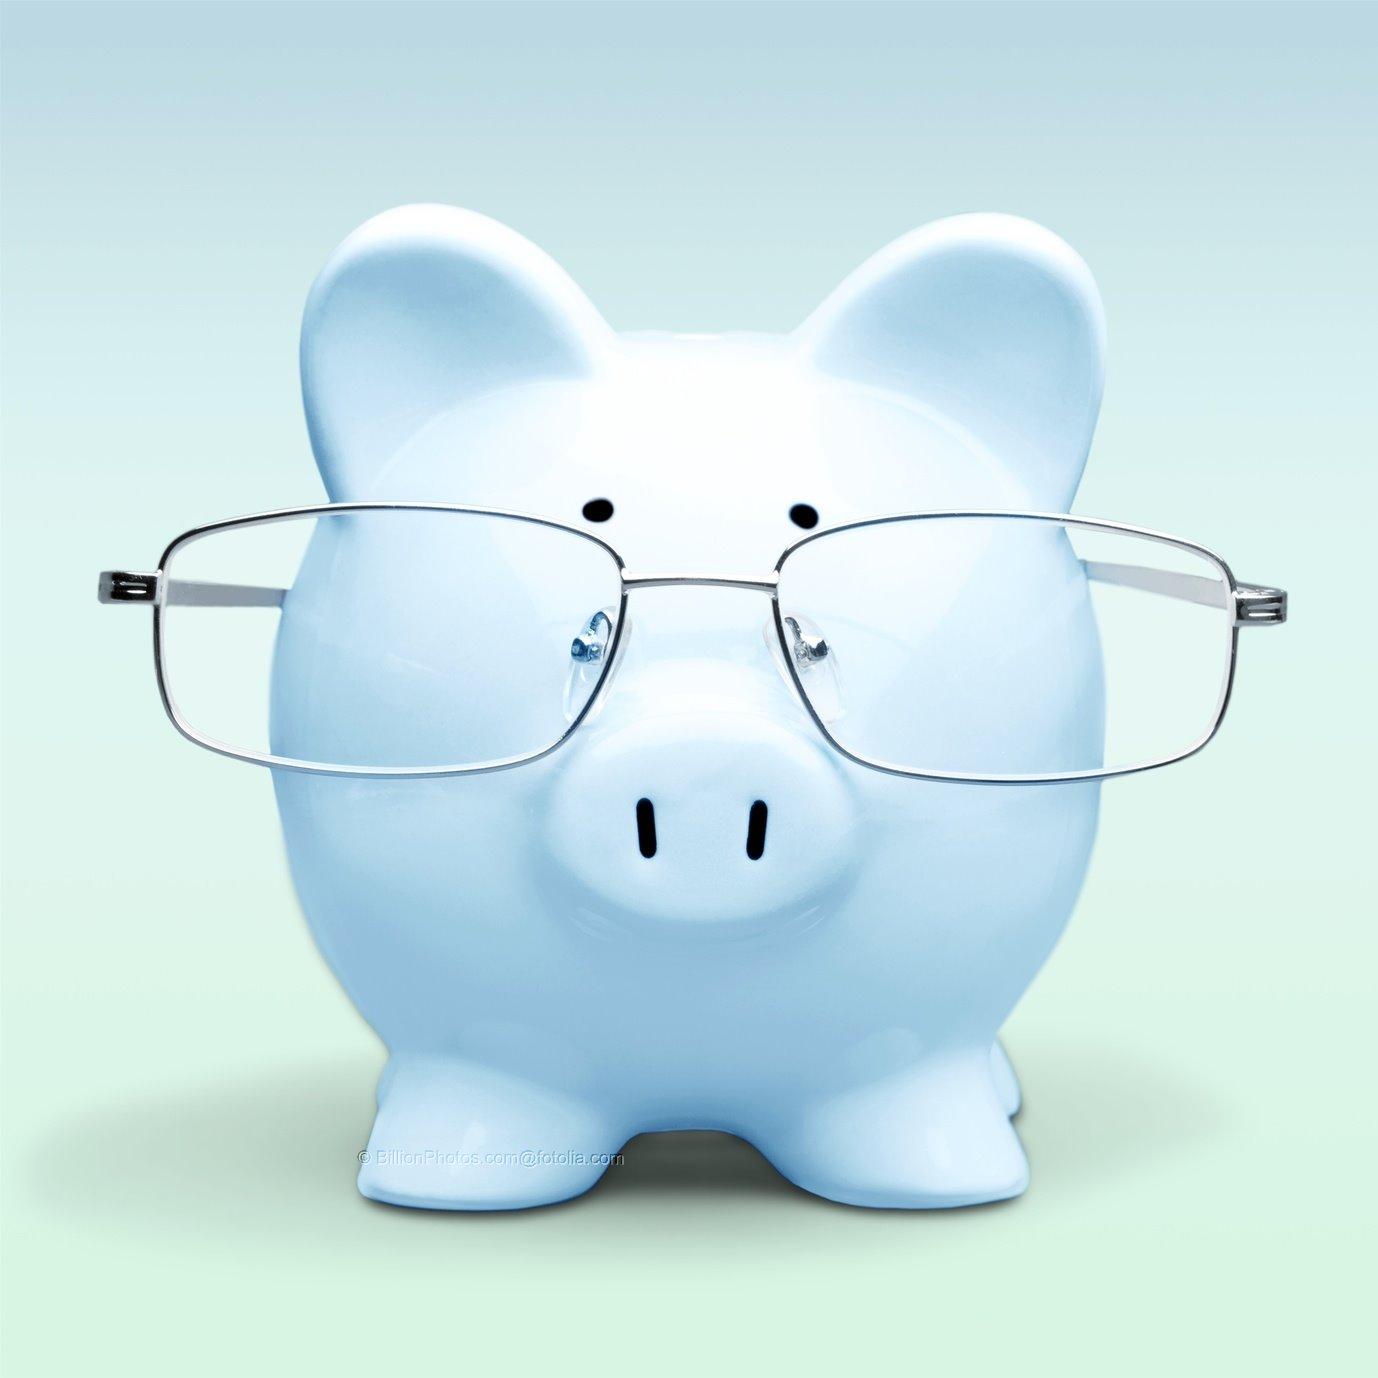 Ausbildung und Finanzen